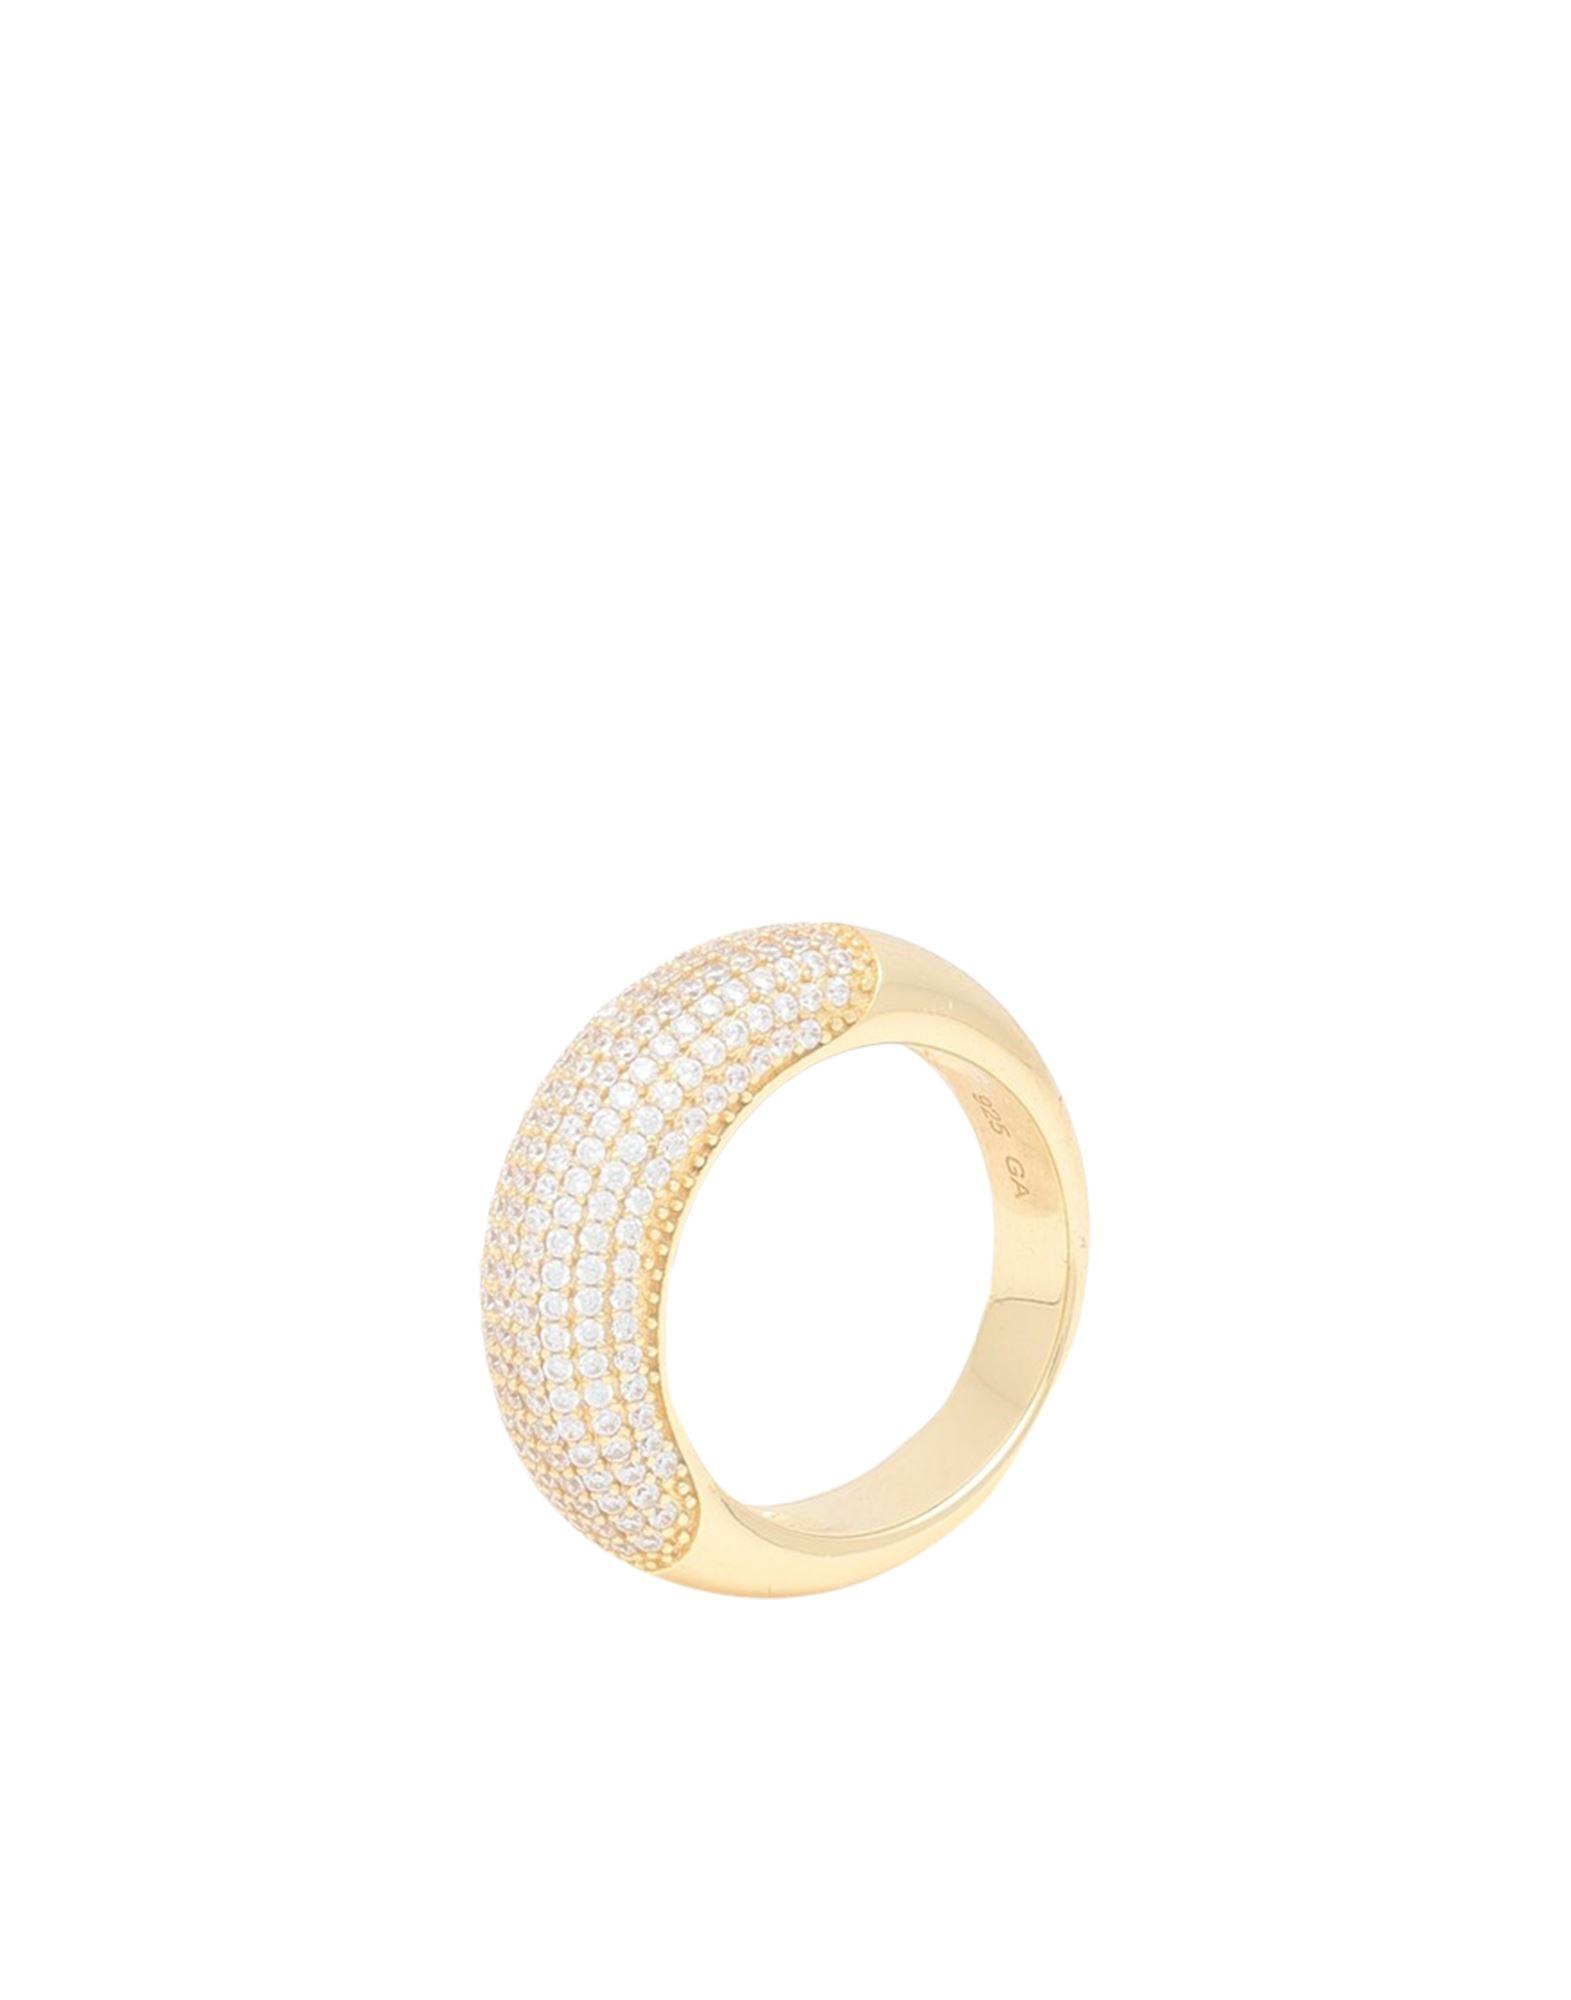 《セール開催中》GALLERIA ARMADORO レディース 指輪 ゴールド 54 シルバー925/1000 / 18金メッキ COCO PAVE RING